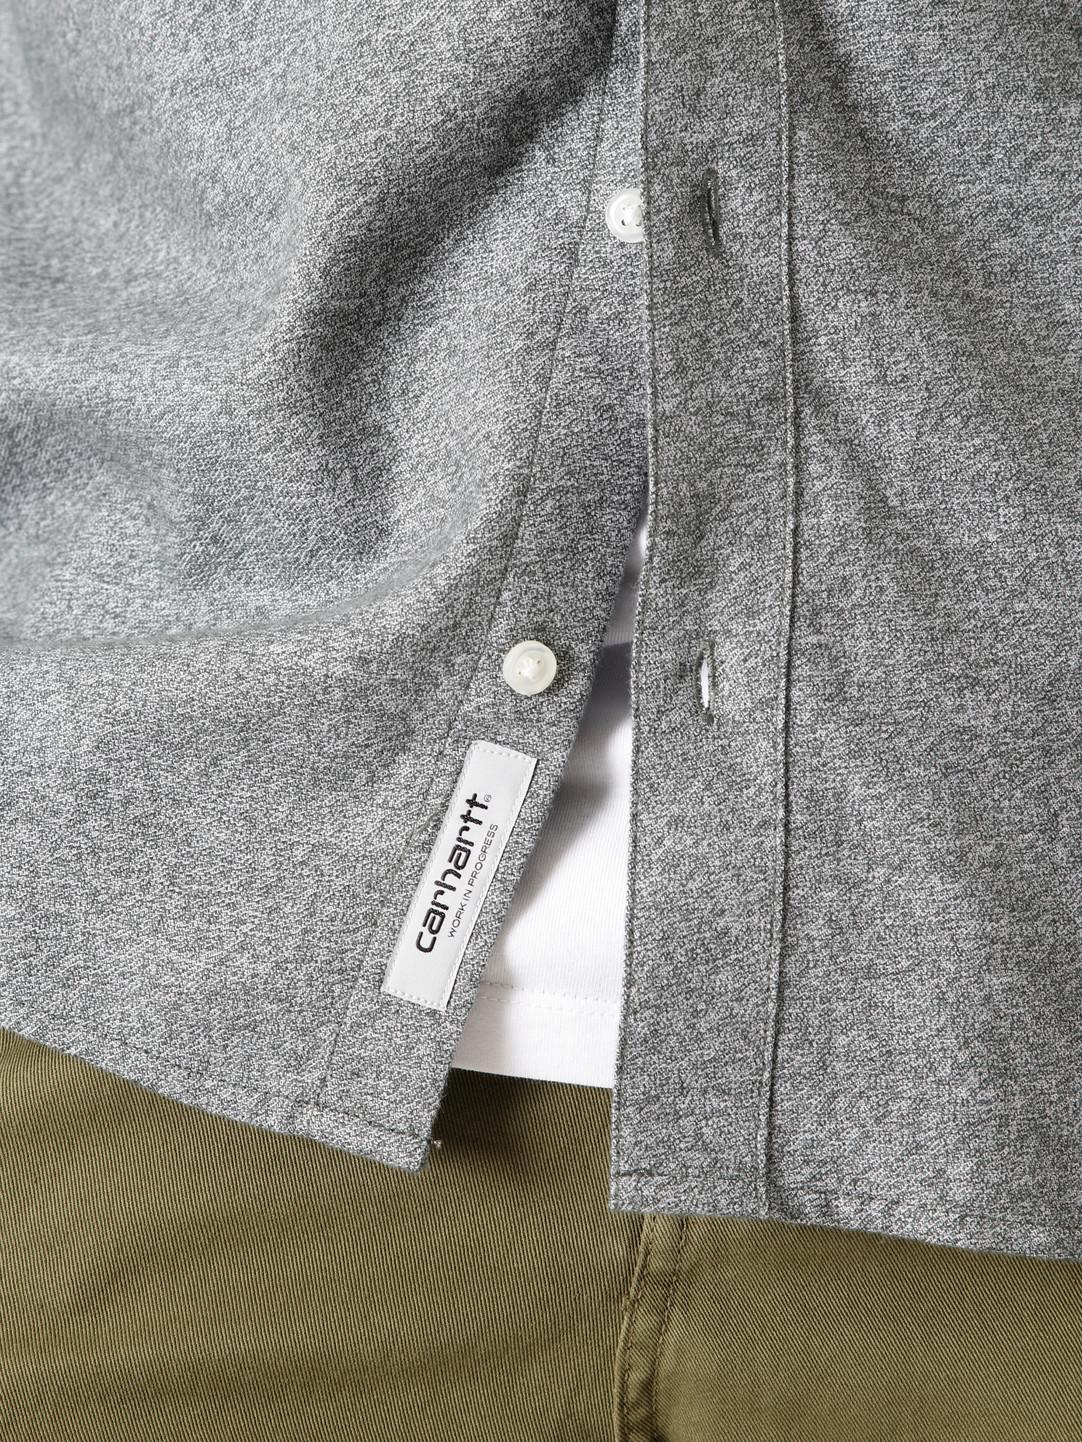 Carhartt WIP Carhartt WIP Longsleeve Corey Shirt Dark Teal I028224-0F200